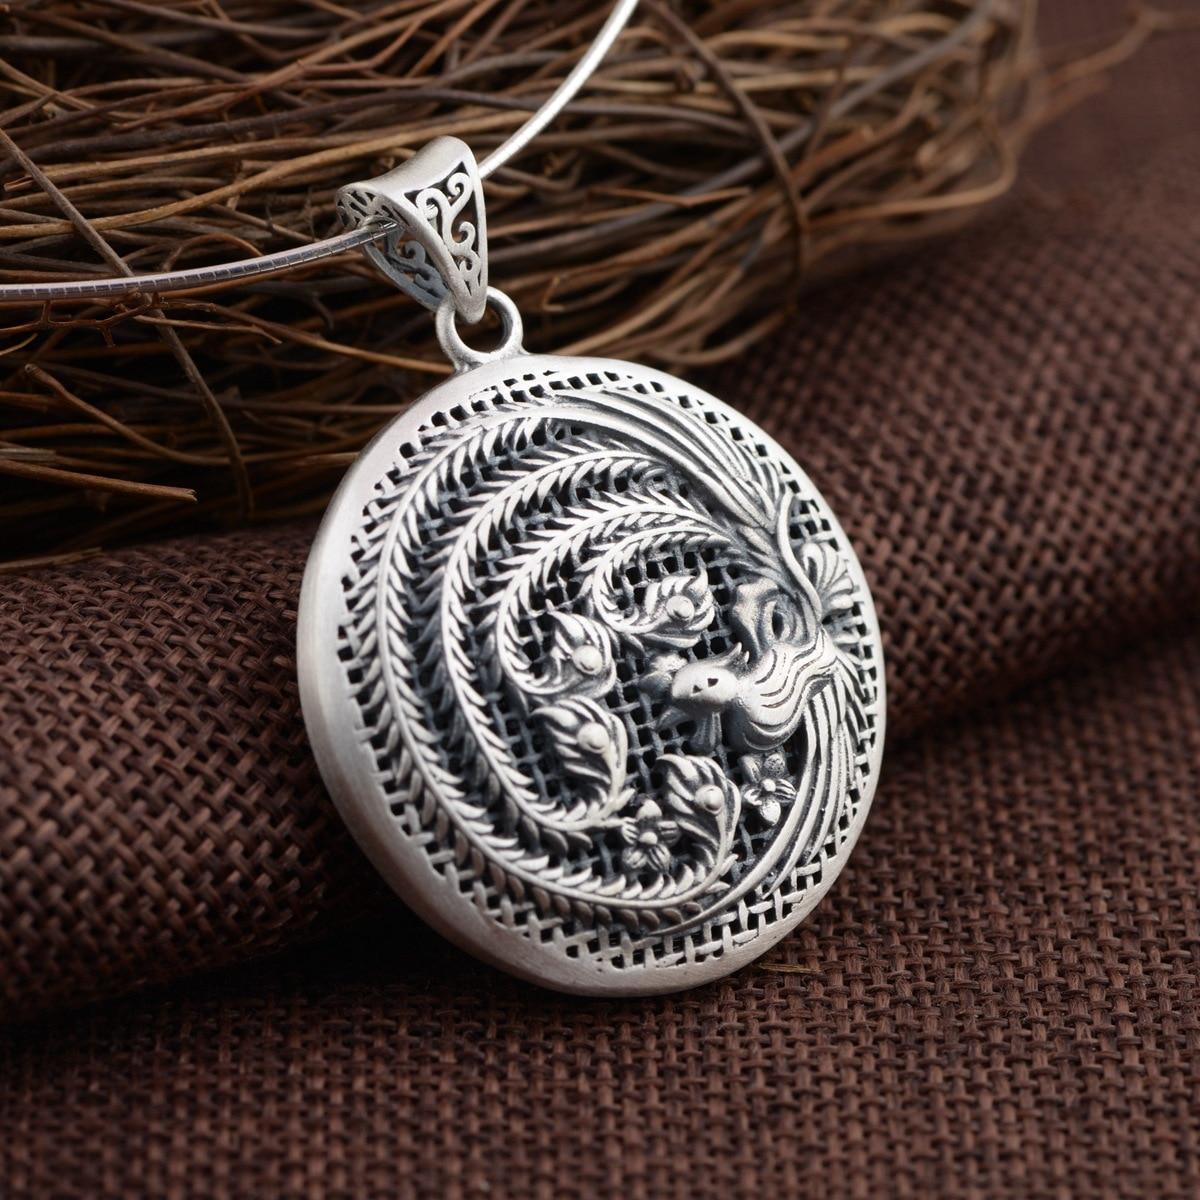 Cerf roi bijoux en gros argent S925 pendentif en argent exquis creux Phoenix que d'autres cadeaux